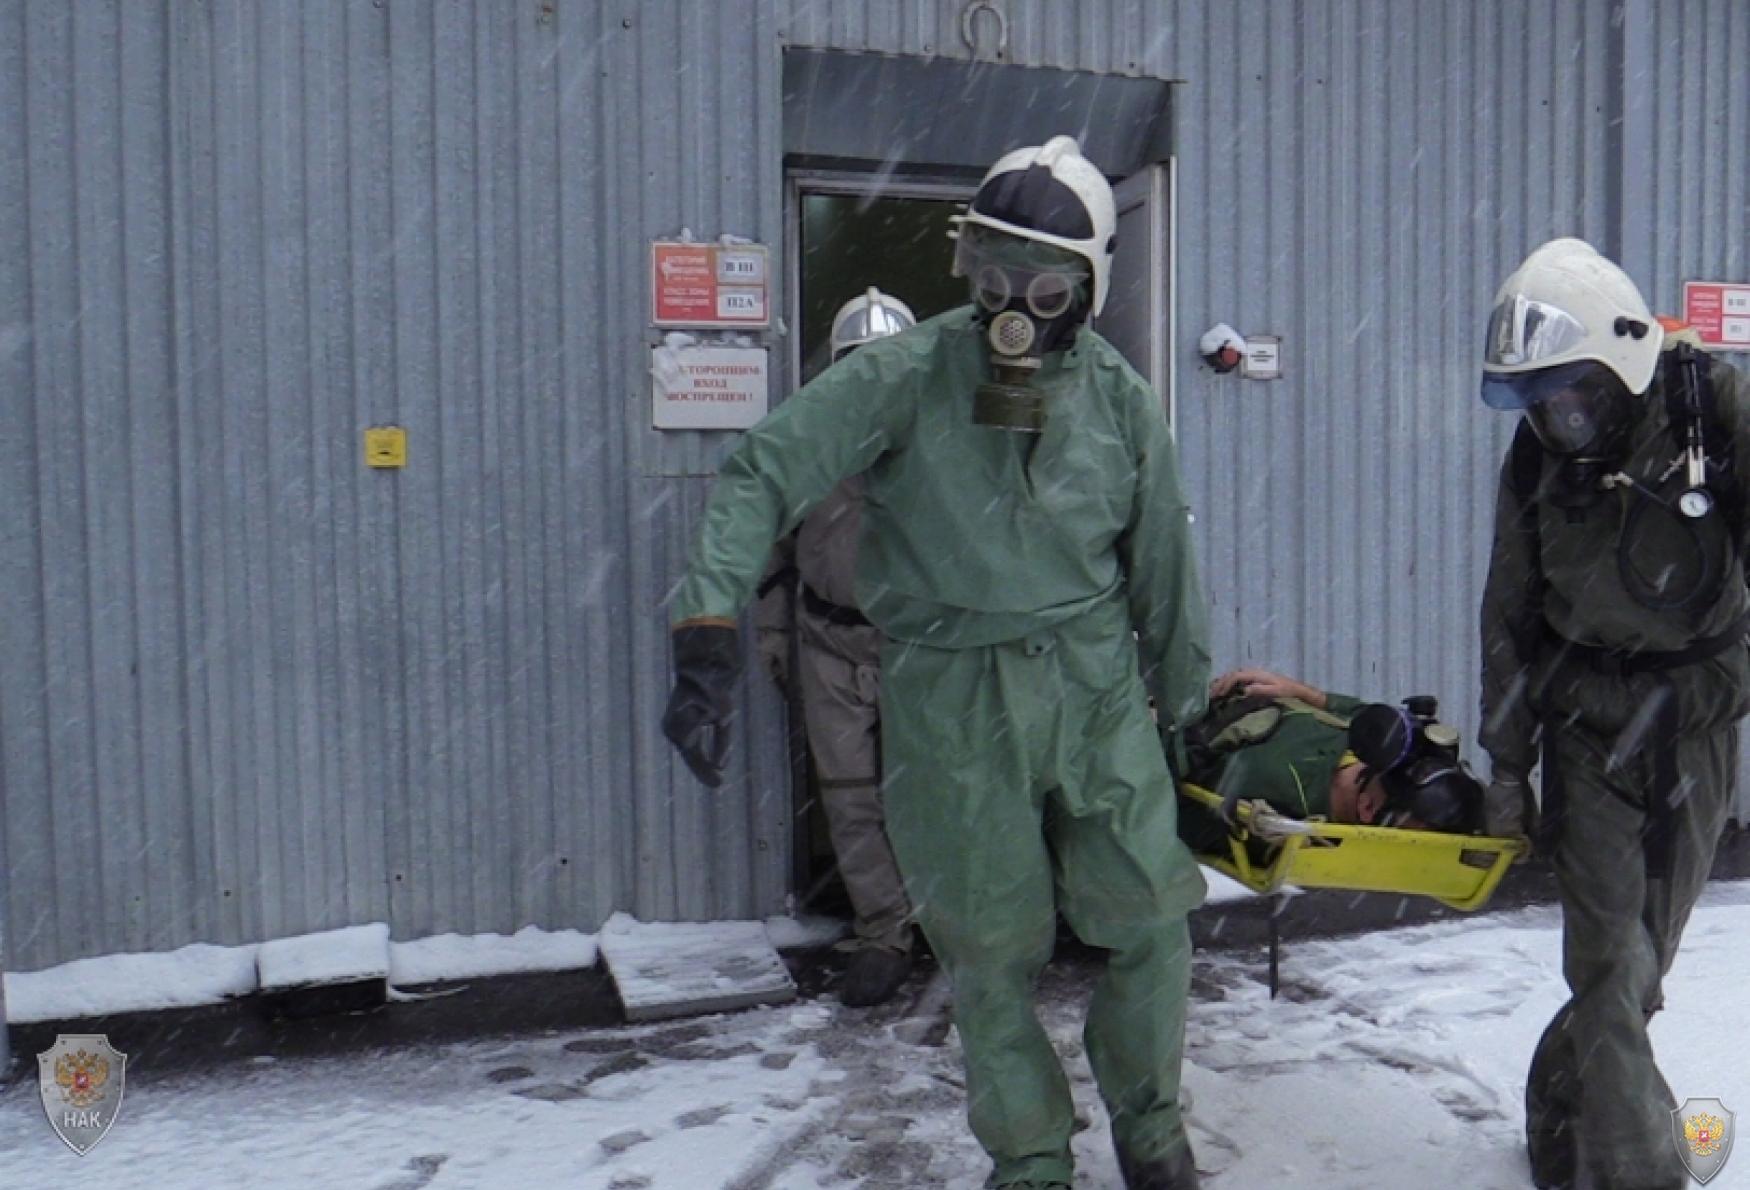 Оперативным штабом в Рязанской области проведено командно-штабное учение по пресечению теракта на химически опасном предприятии региона